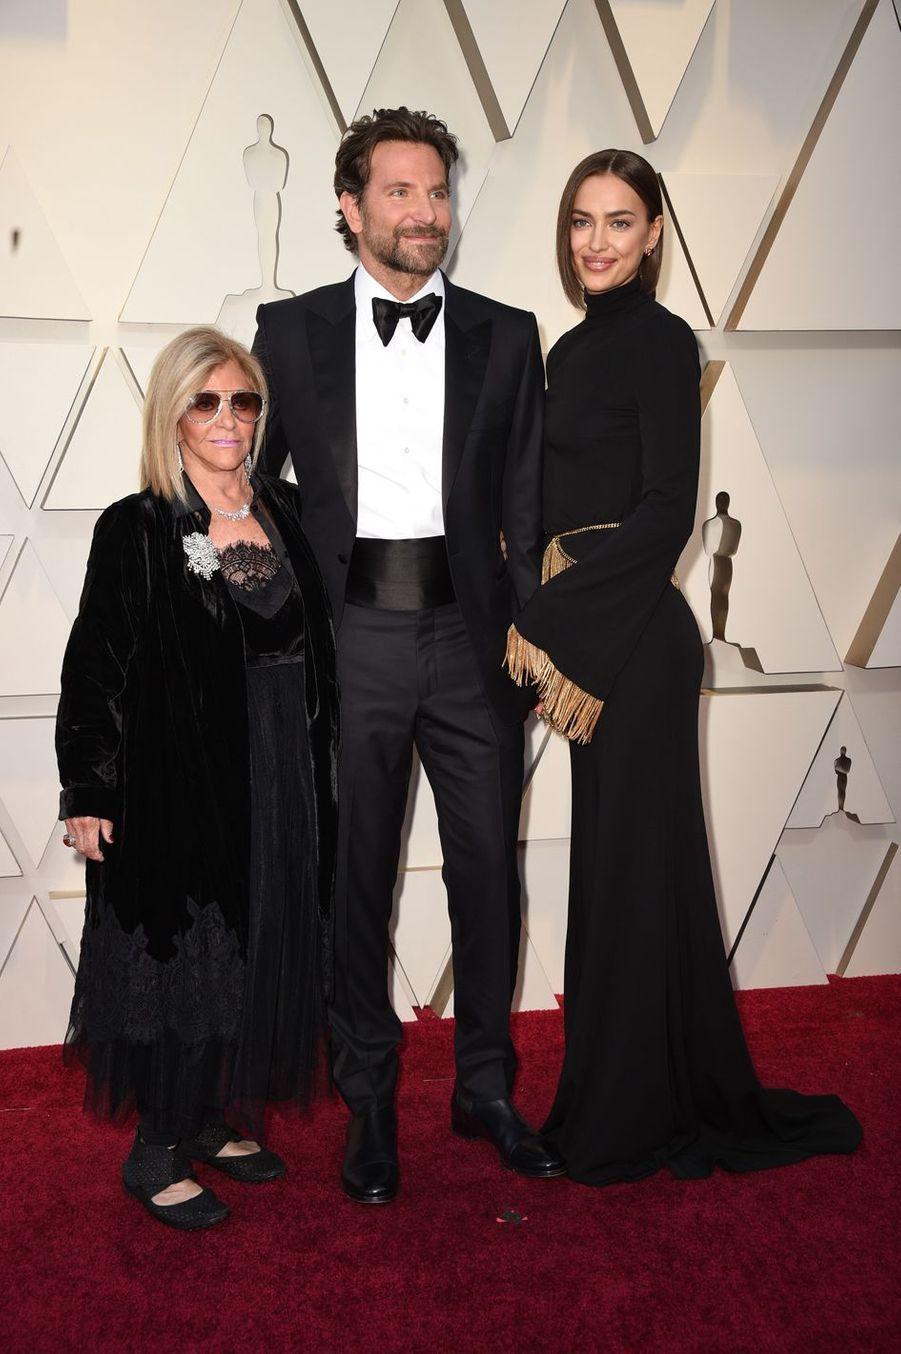 Bradley Cooper, sa mère Gloria et Irina Shayk sur le tapis rouge de la 91e cérémonie des Oscars le 24 février 2019